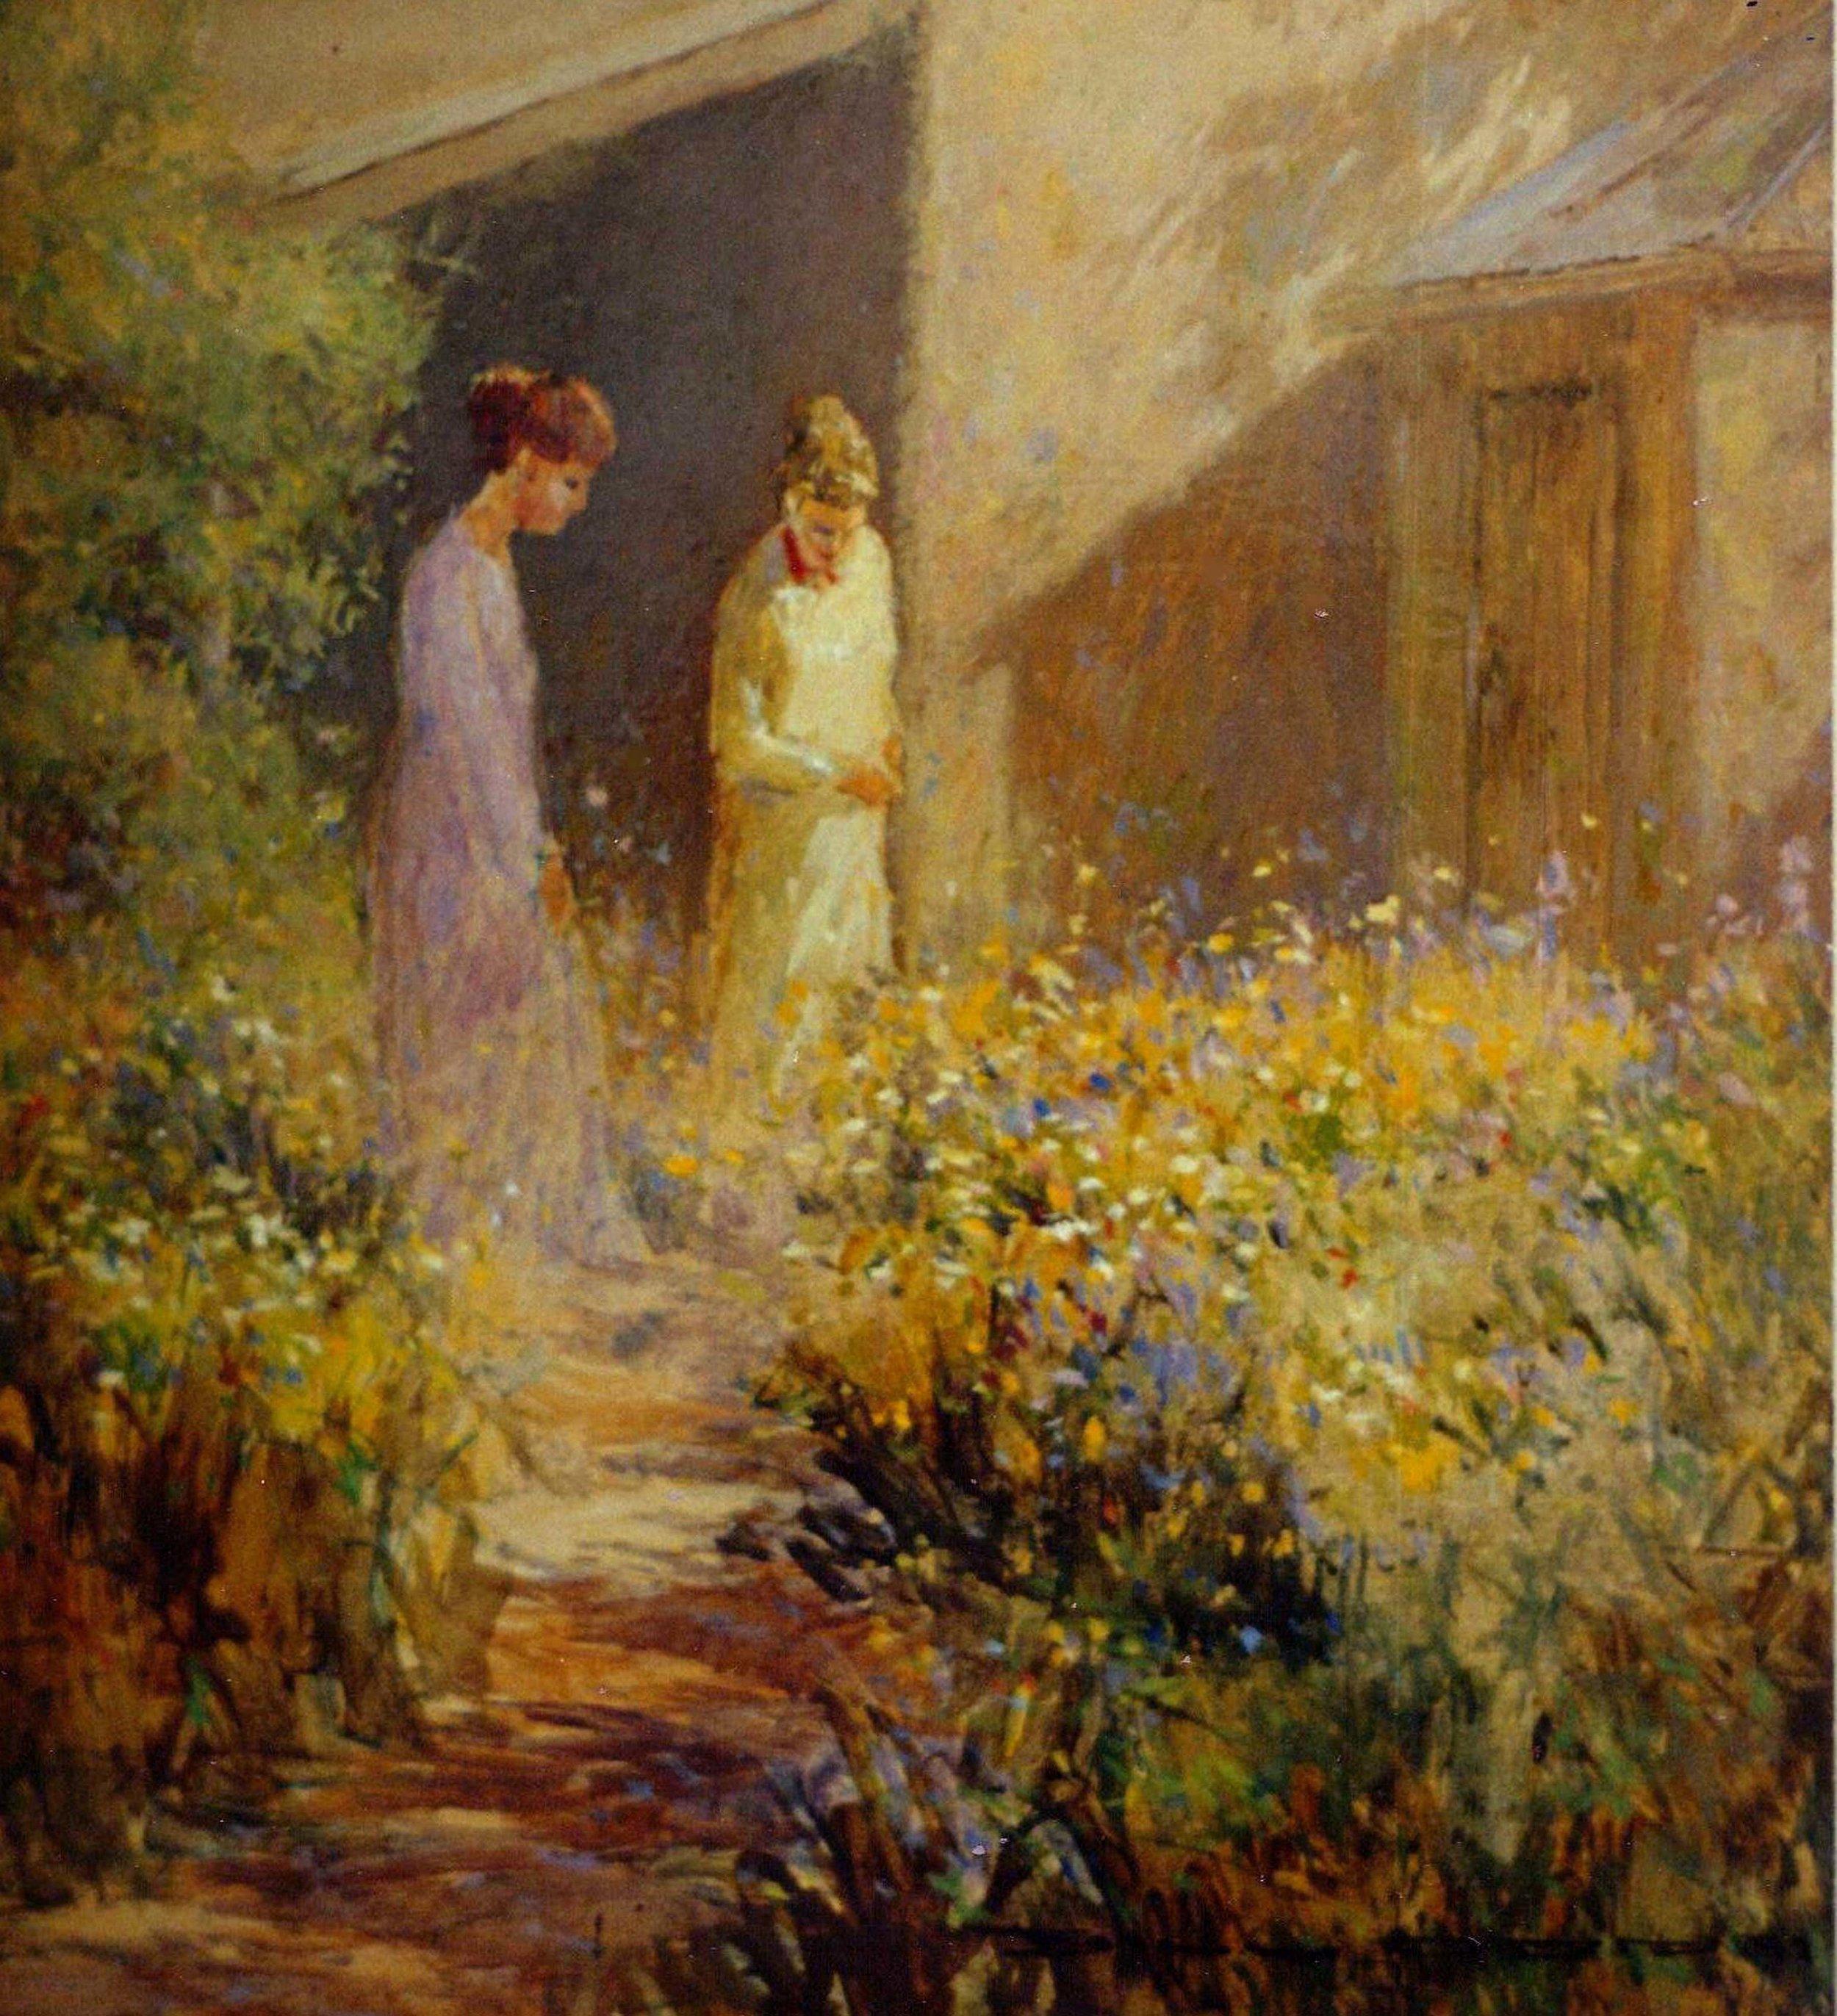 A Cottage Garden by Bill Odd